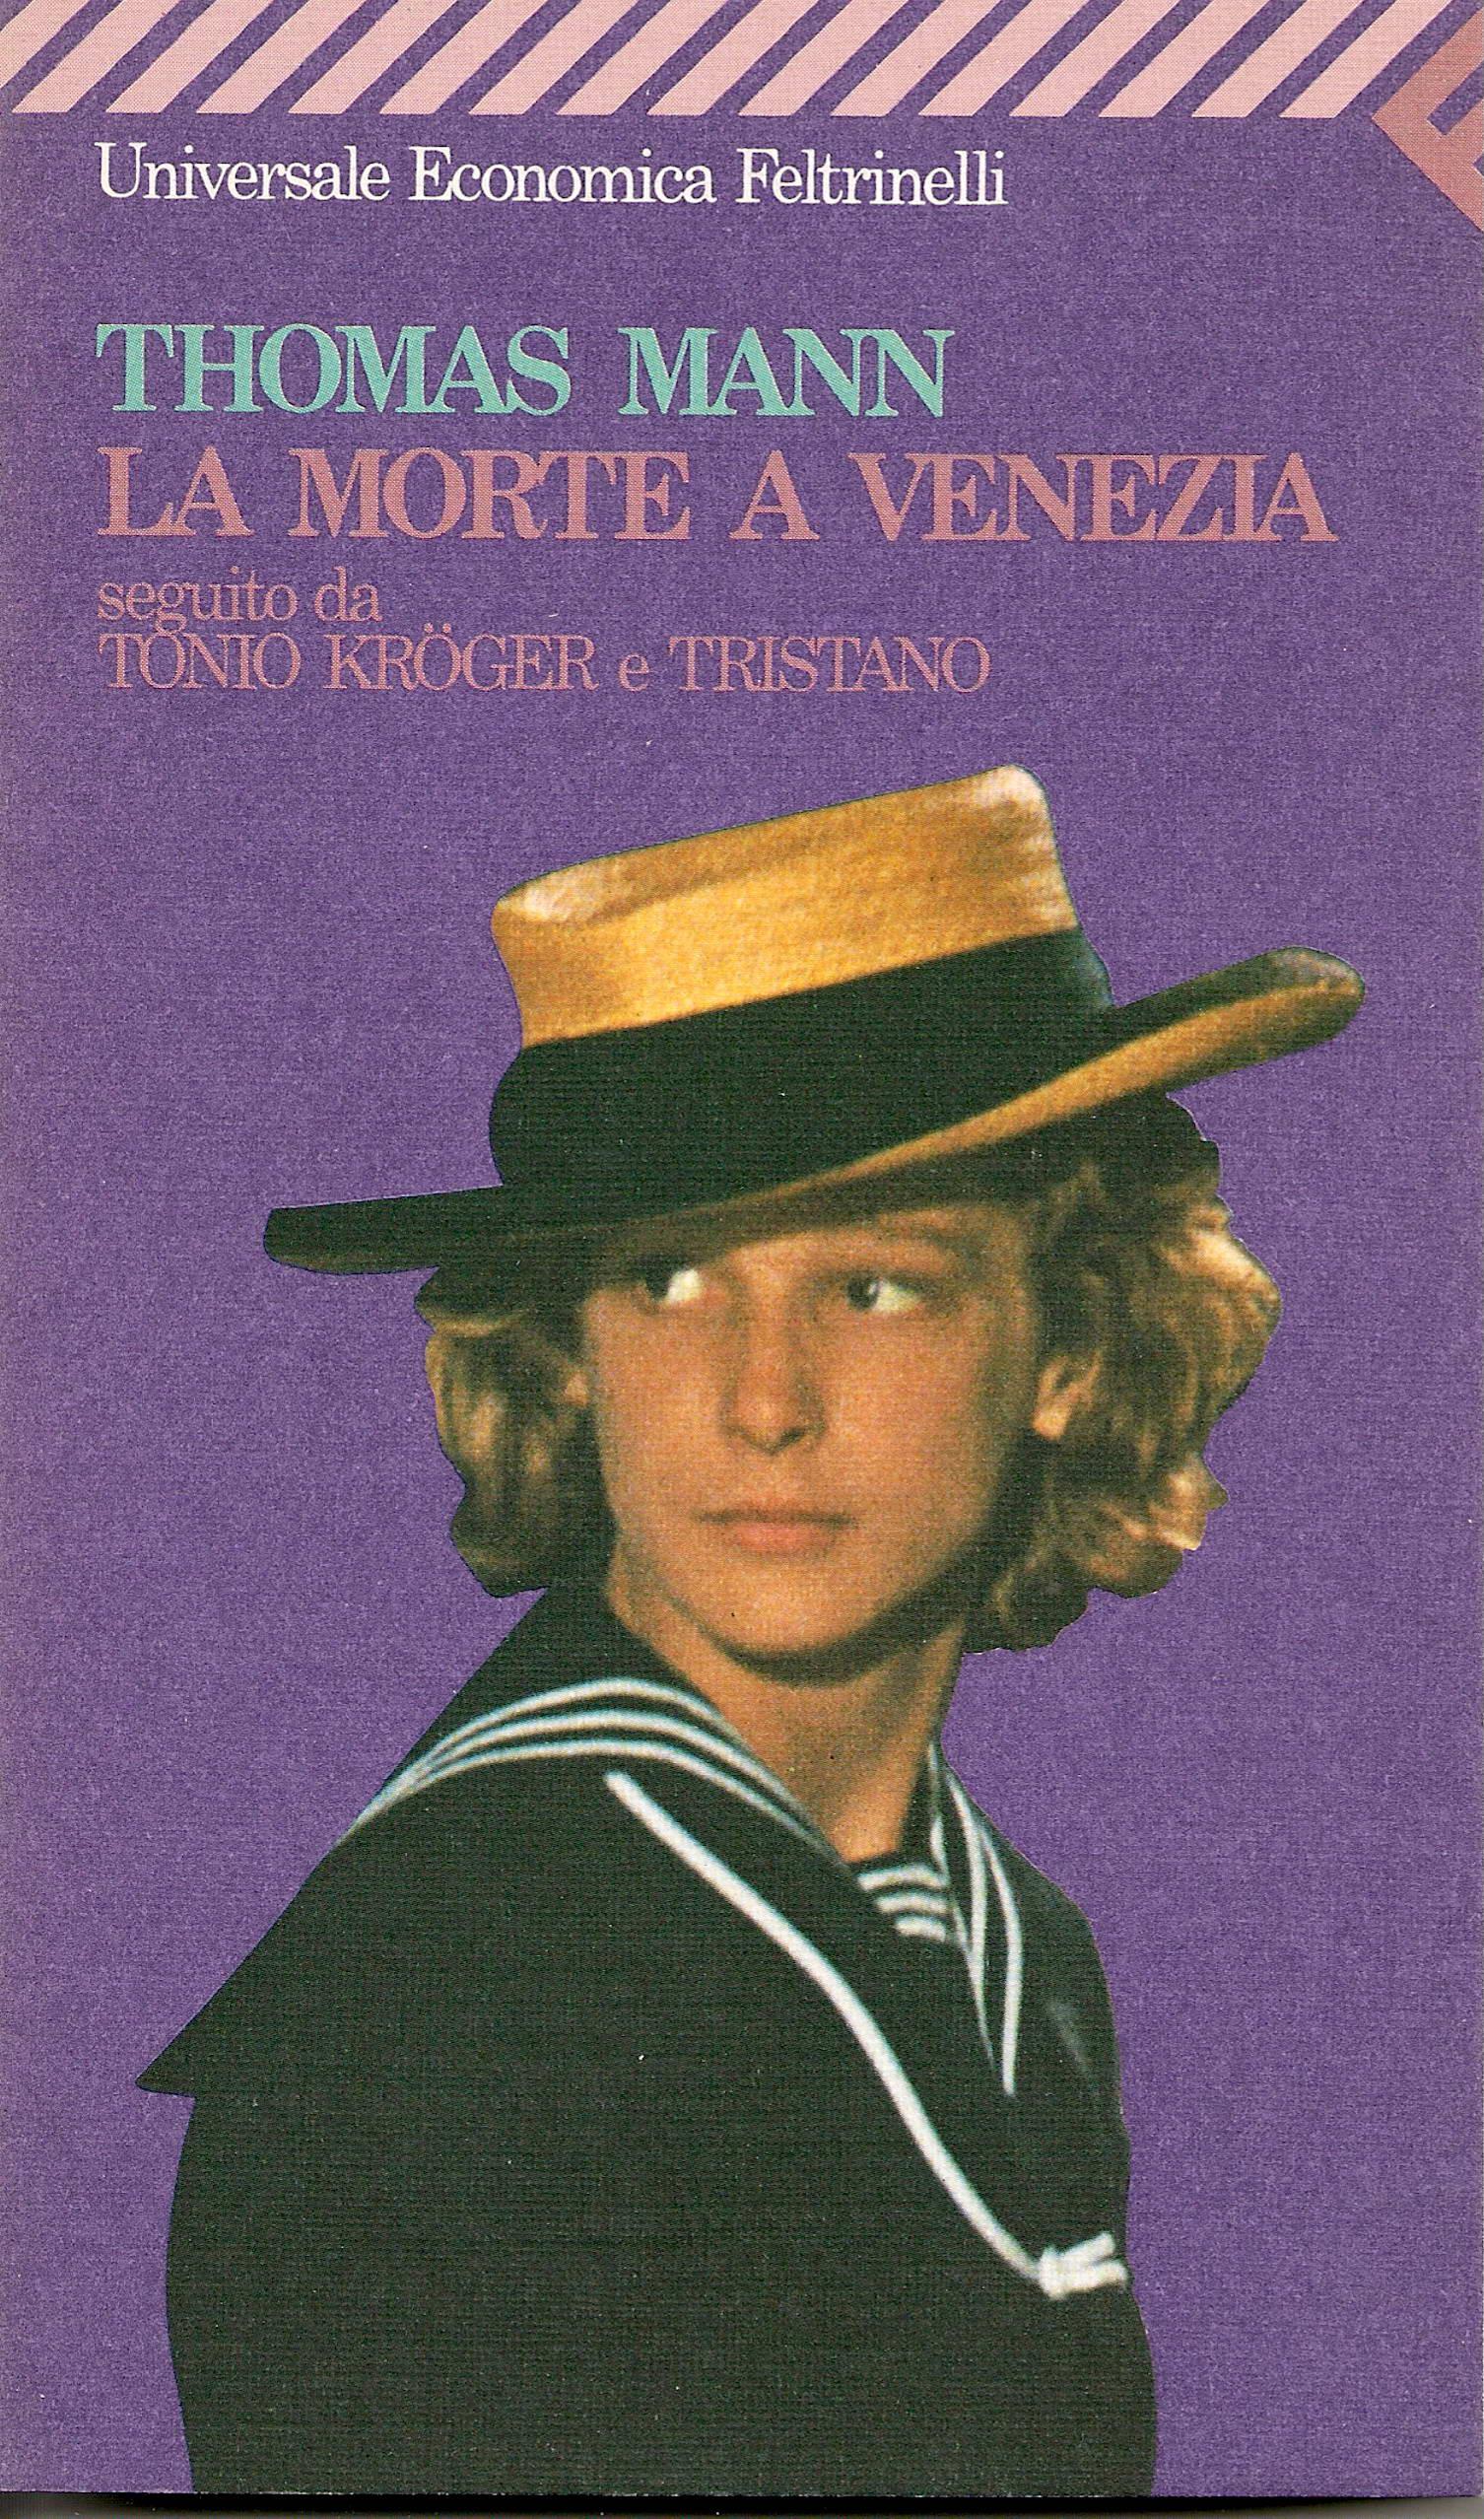 La morte a Venezia - Tonio Kröger - Tristano